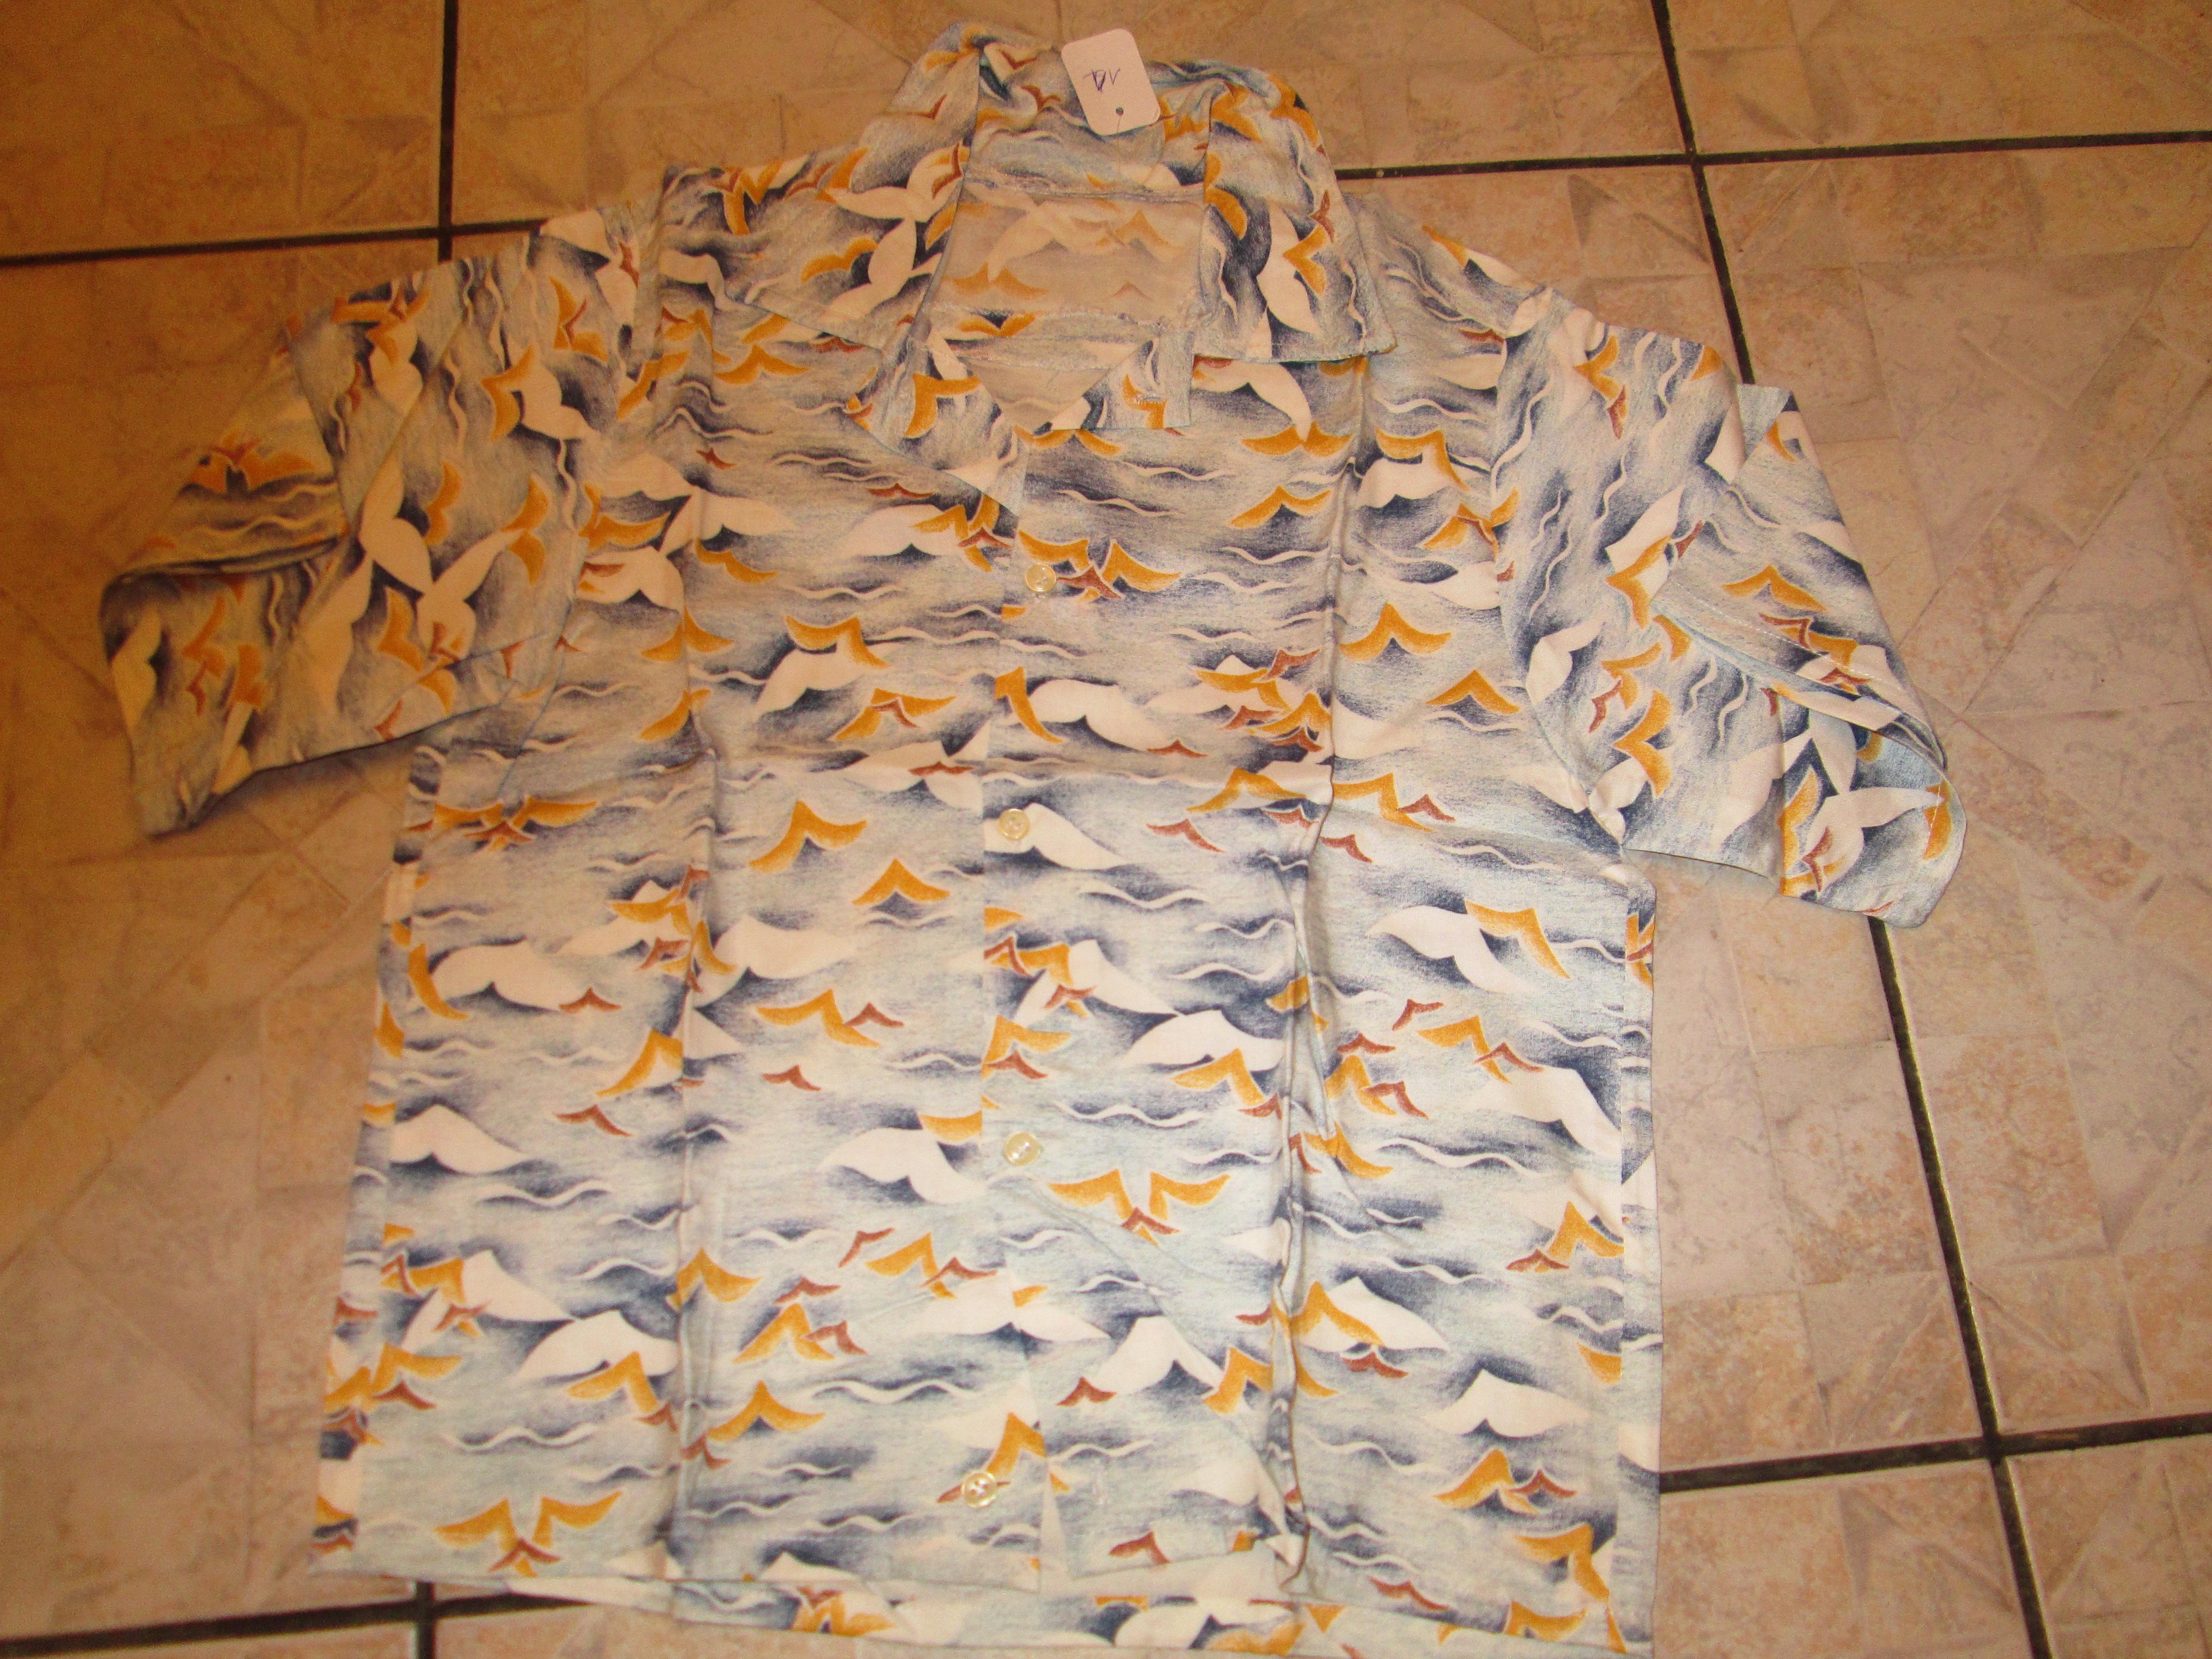 troc de troc chemisette 6/8 ans  comme neuf  4 noisettes image 0